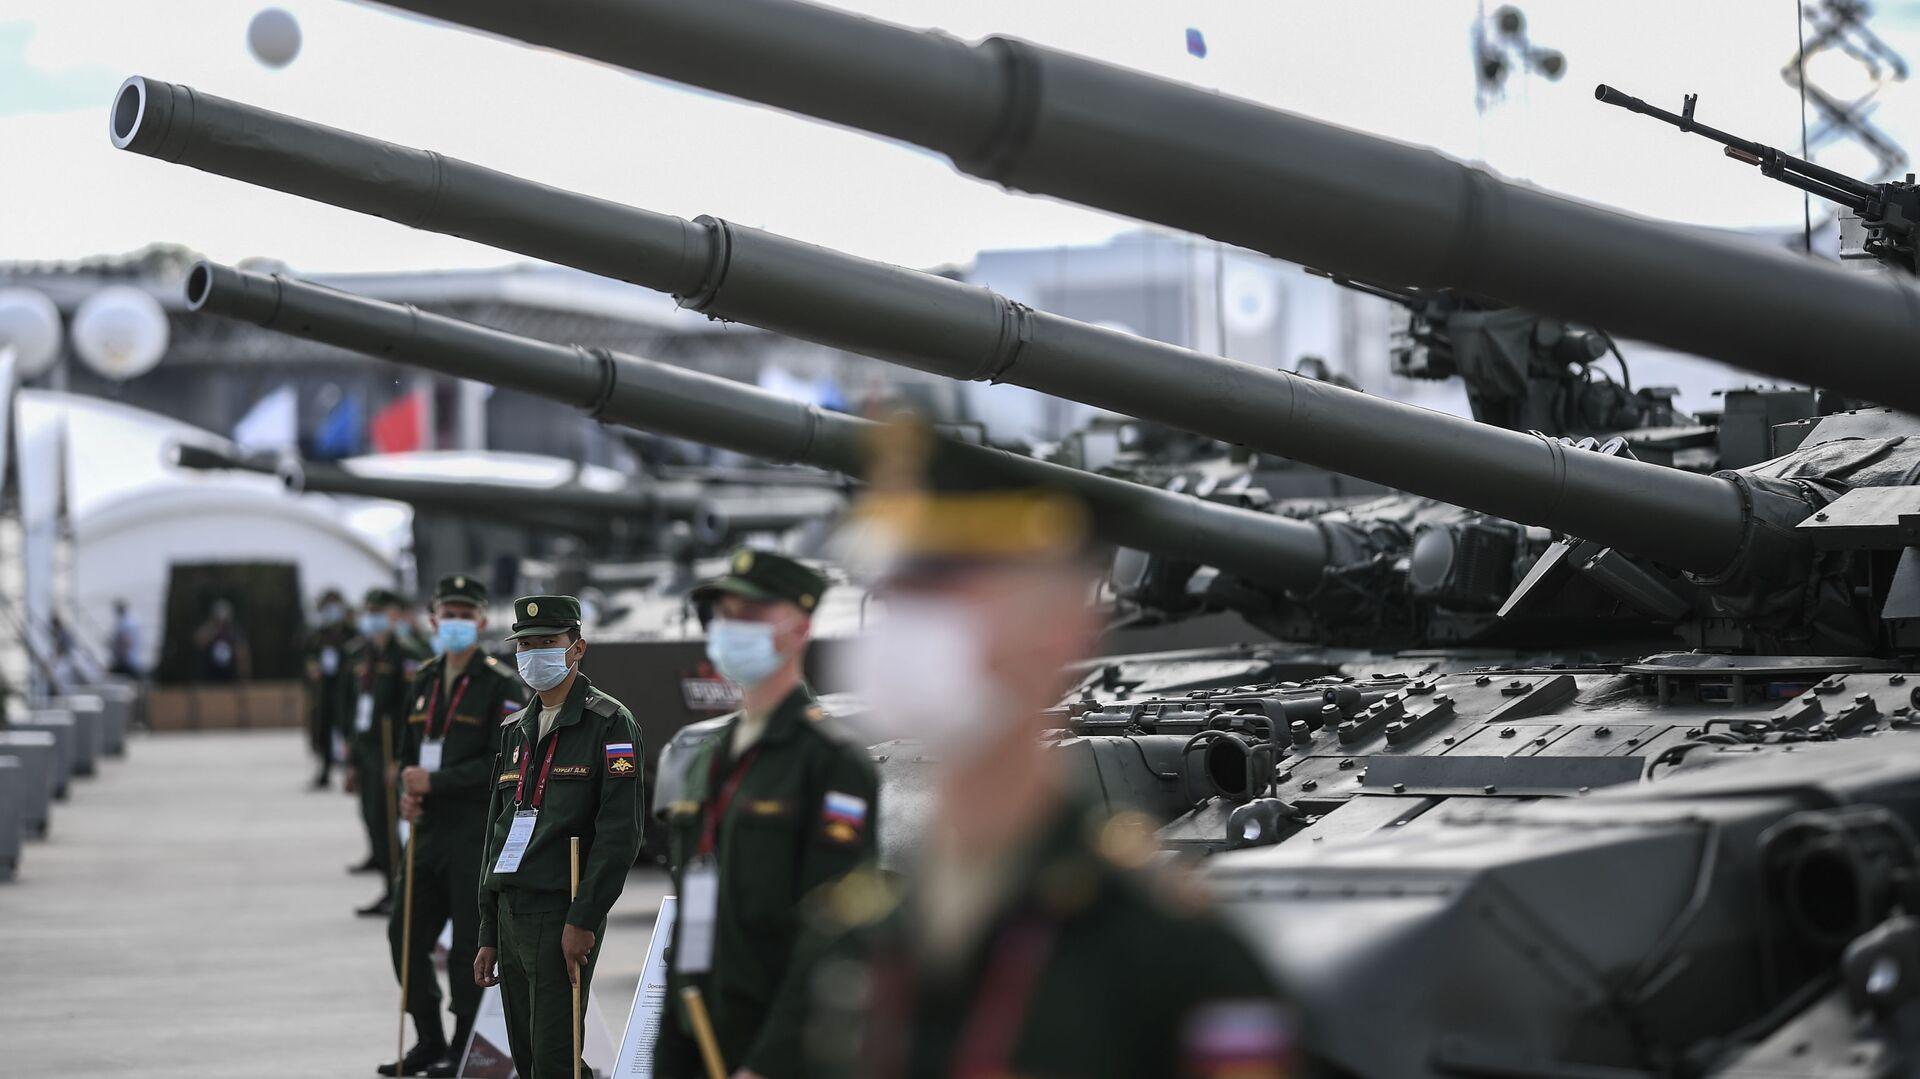 На Международном военно-техническом форуме (МВТФ) Армия-2020 в военно-патриотическом парке Патриот - Sputnik Таджикистан, 1920, 20.08.2021